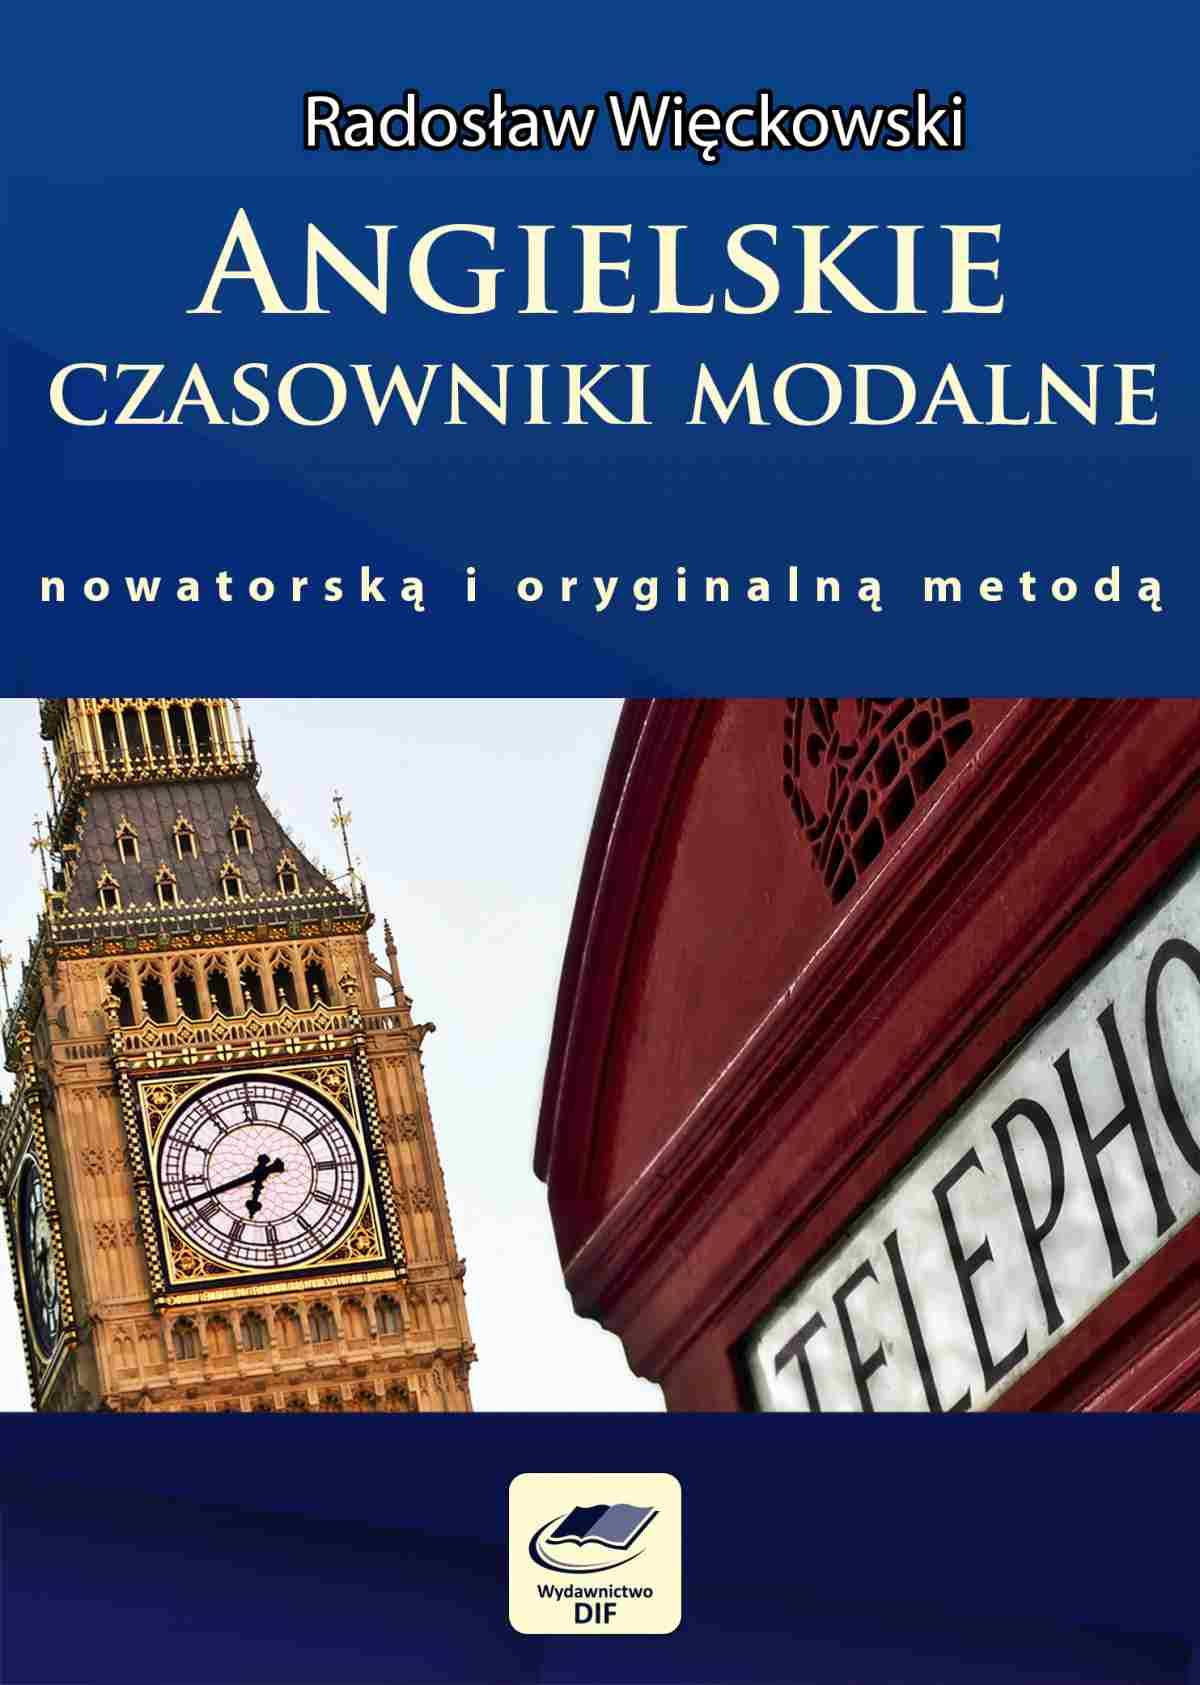 Angielskie czasowniki modalne nowatorską i oryginalną metodą - Ebook (Książka PDF) do pobrania w formacie PDF